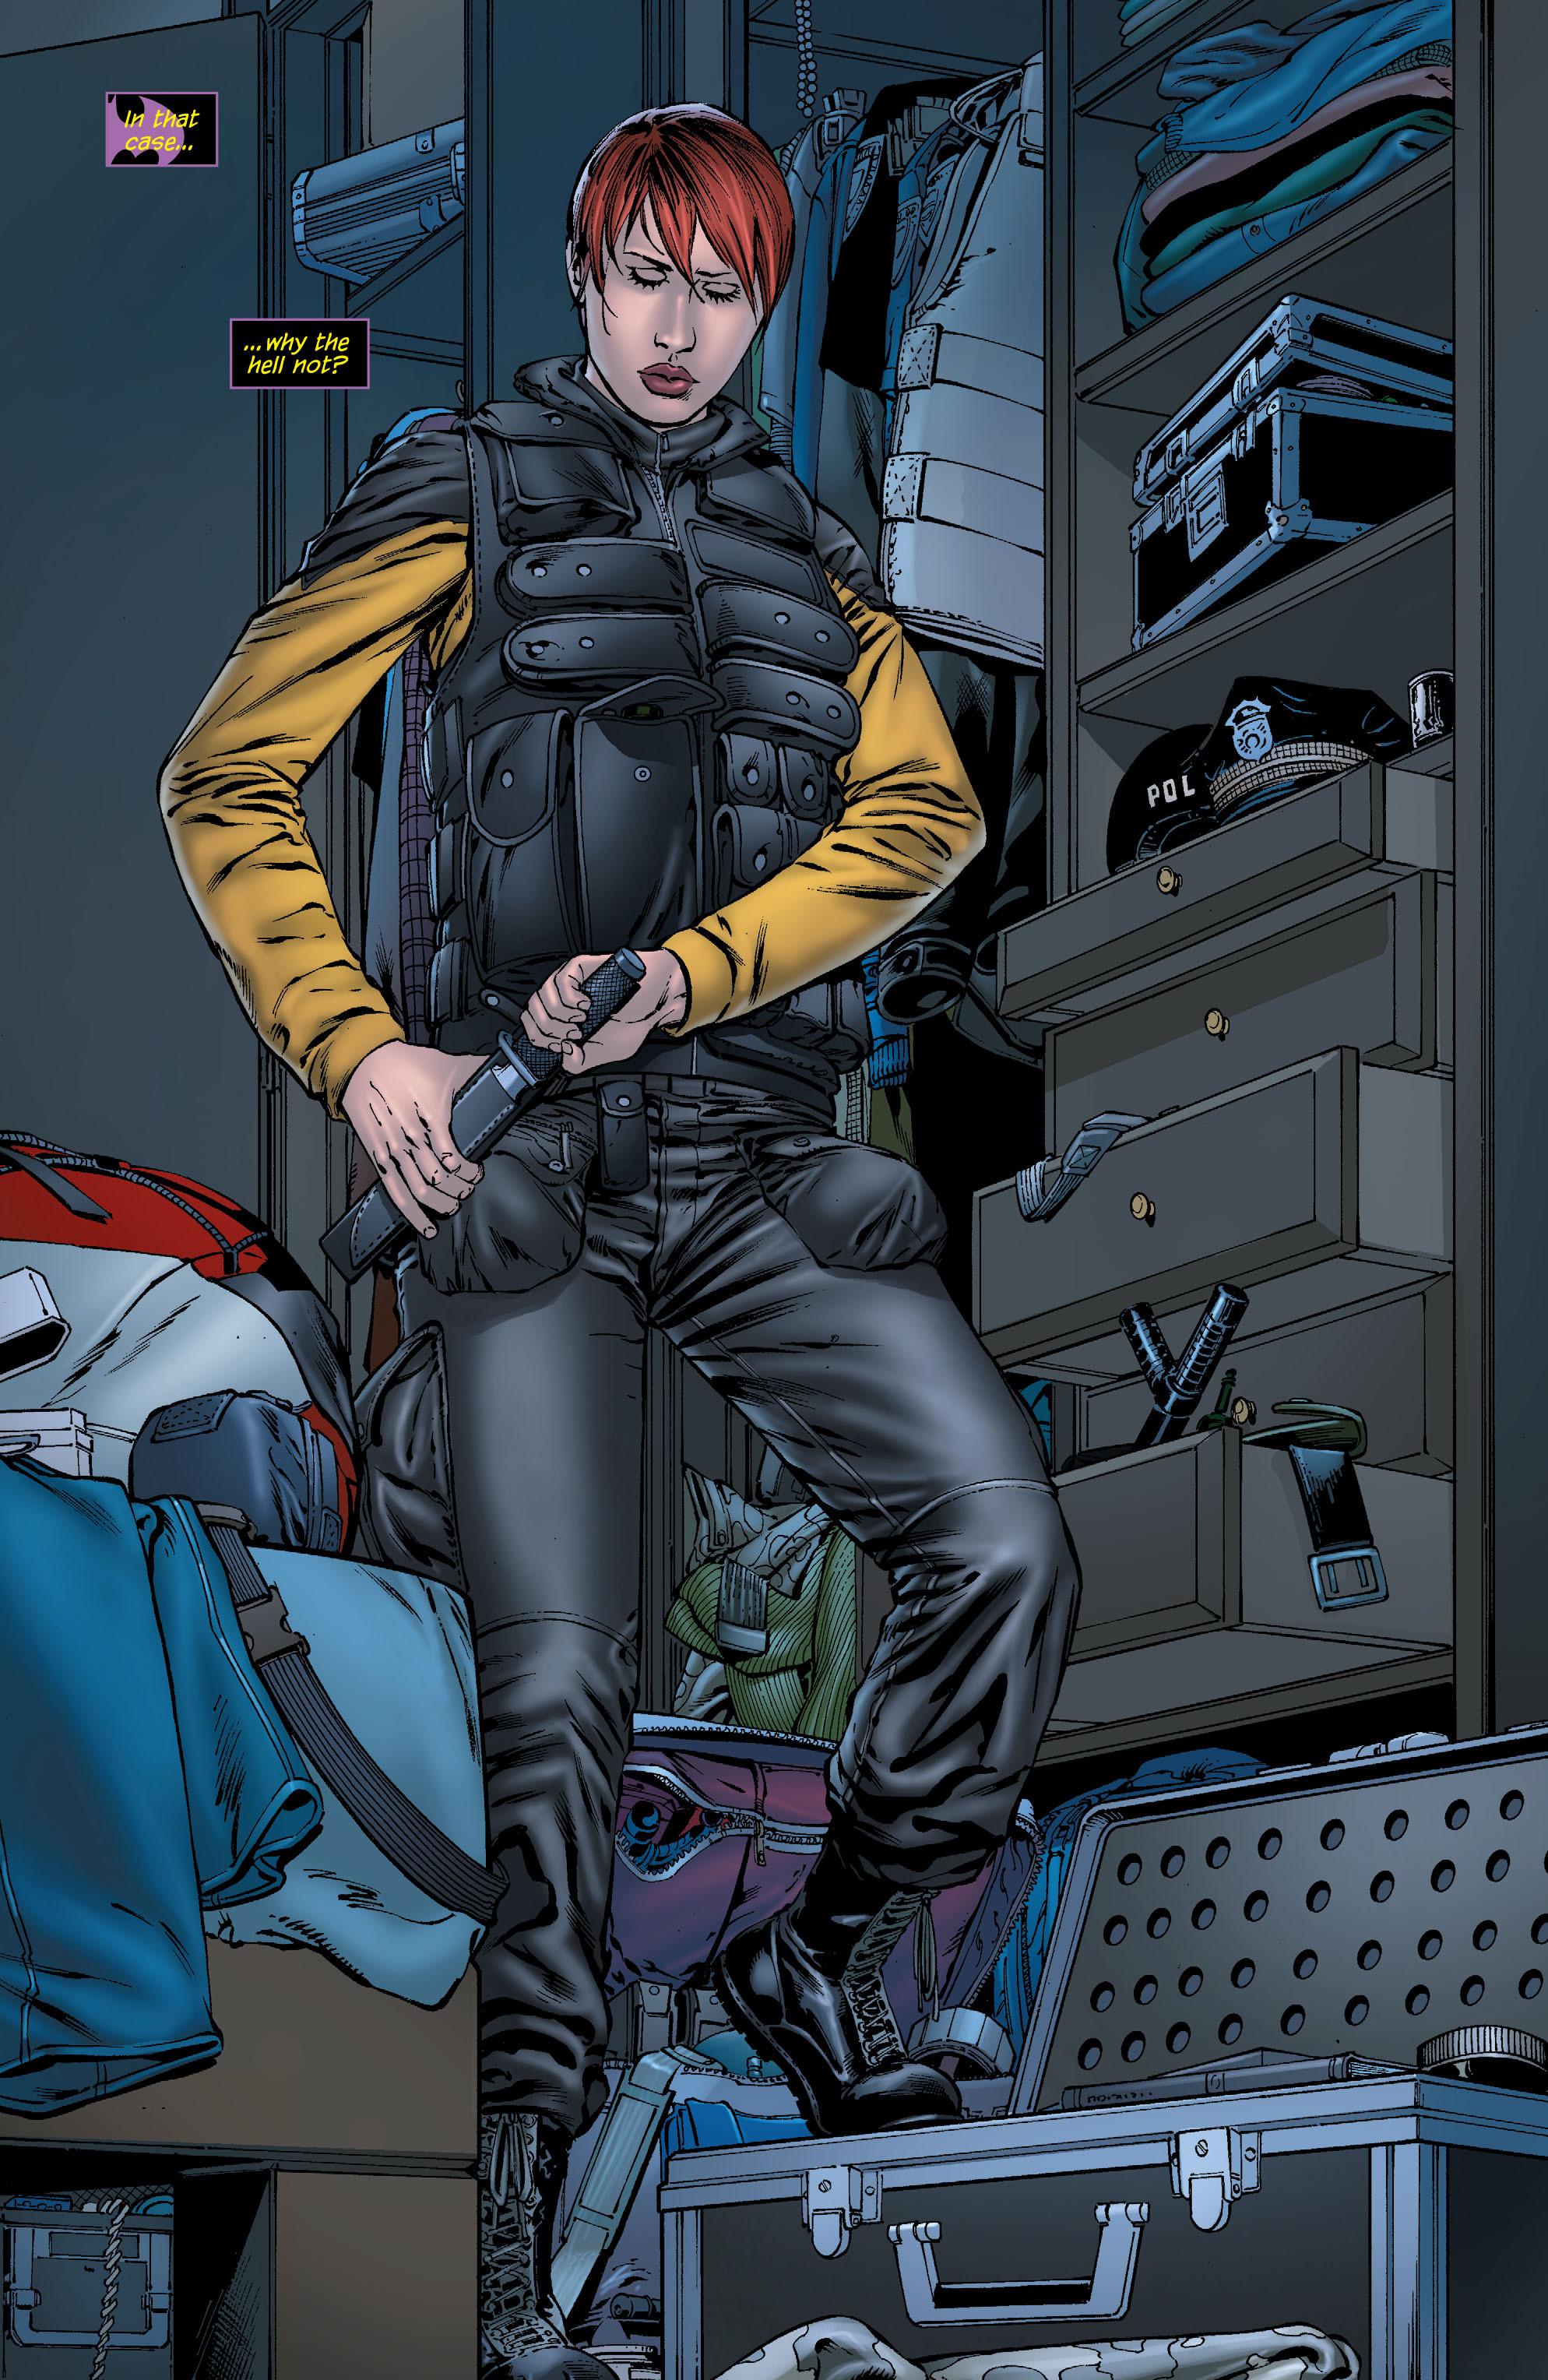 DC Comics: Zero Year chap tpb pic 90